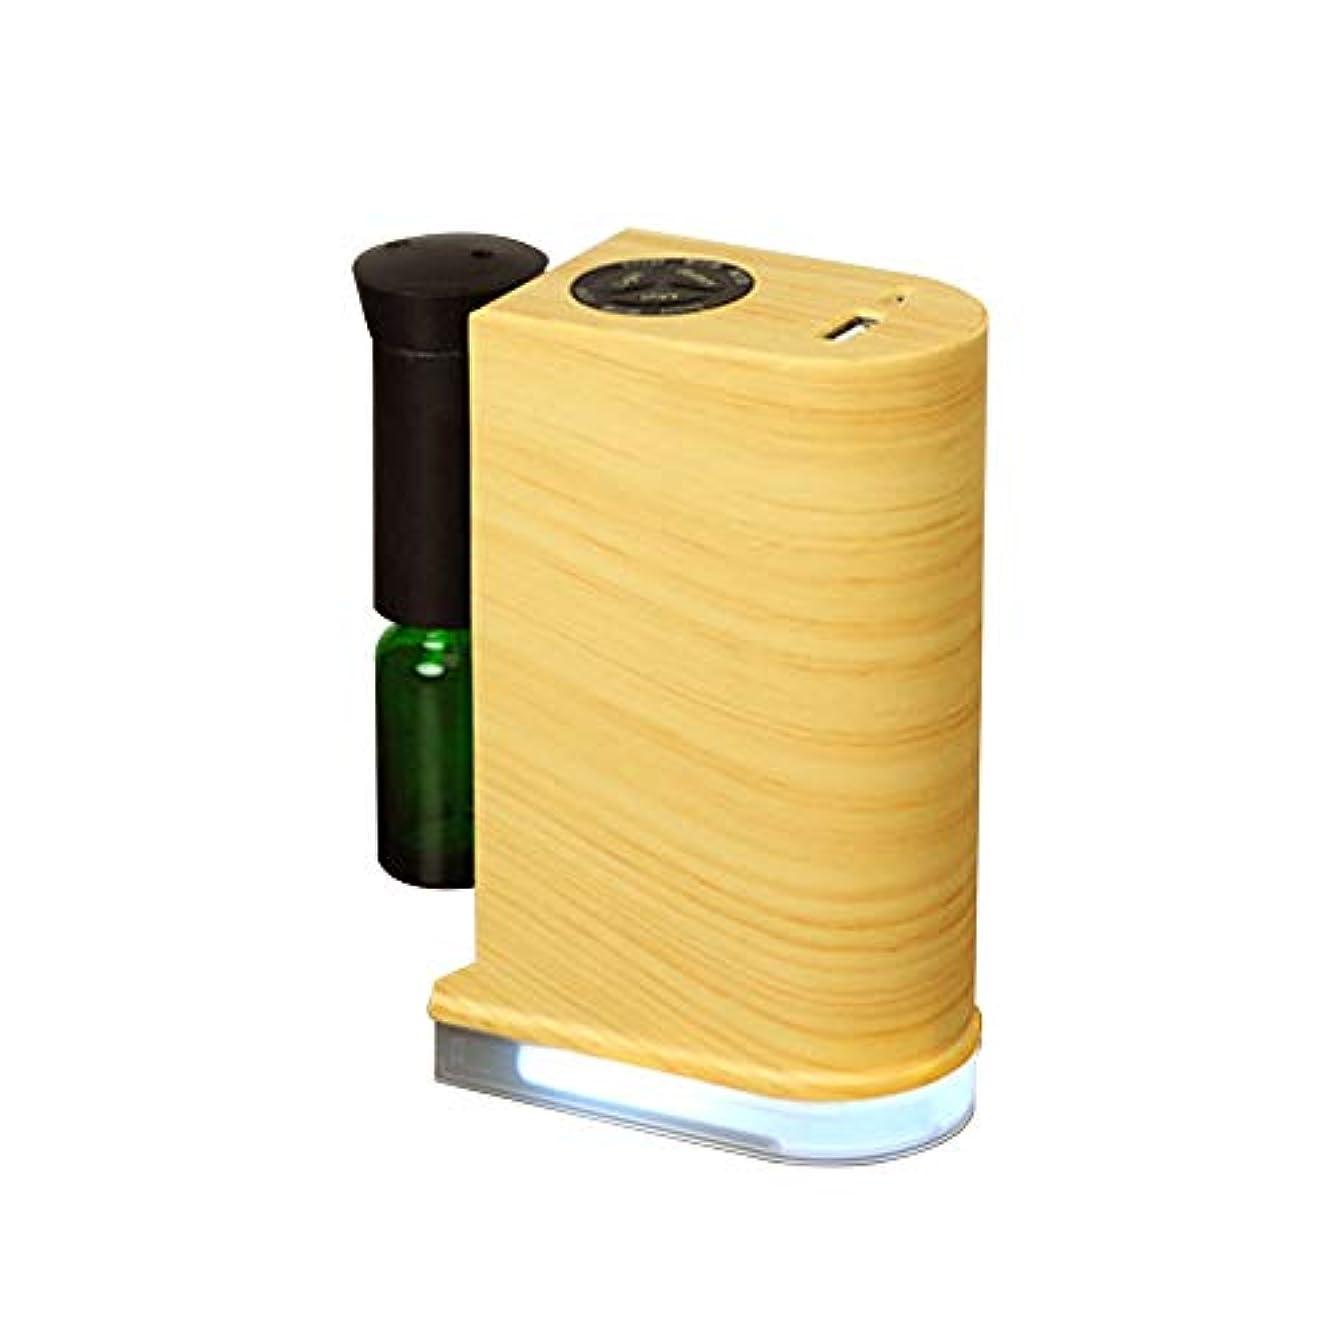 砂利港分析するネブライザー式アロマディフューザー 水を使わない アロマオイル対応 LEDライト付き スマホ充電可能 USBポート付き 木目調 (ナチュラル)